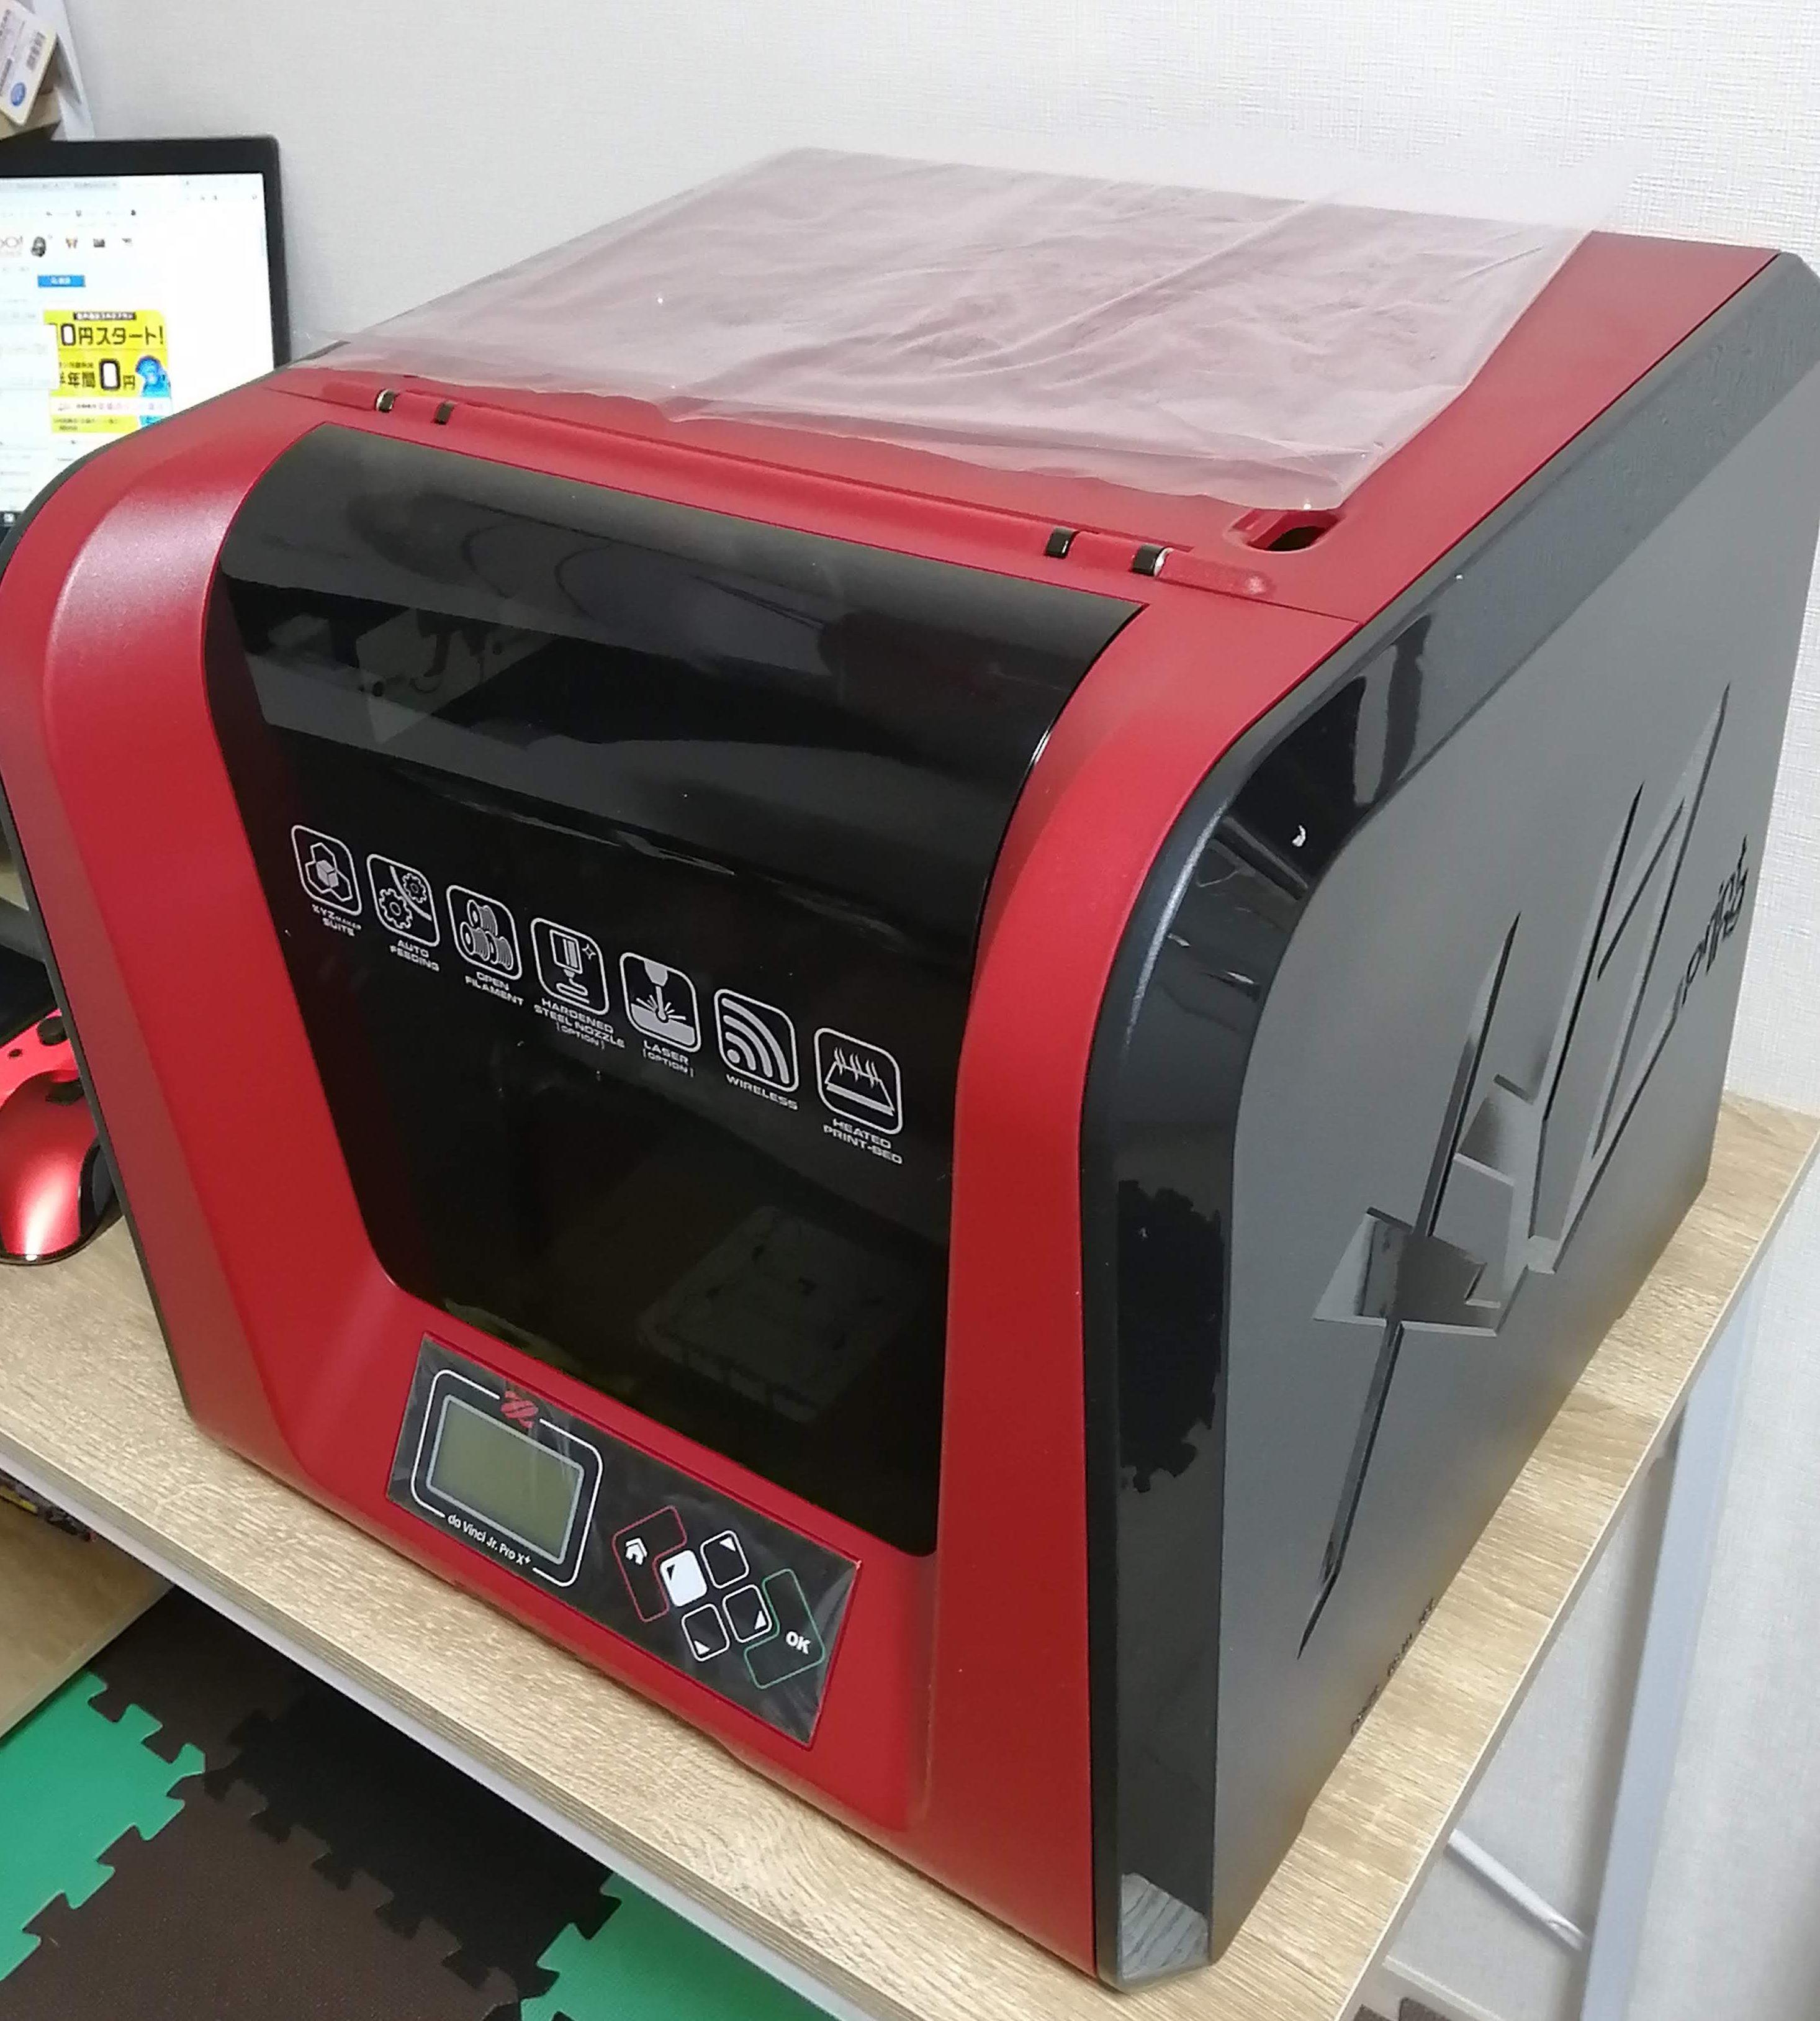 10万円以下で購入出来る3Dプリンター、ダヴィンチ Jr. Pro X+を紹介。